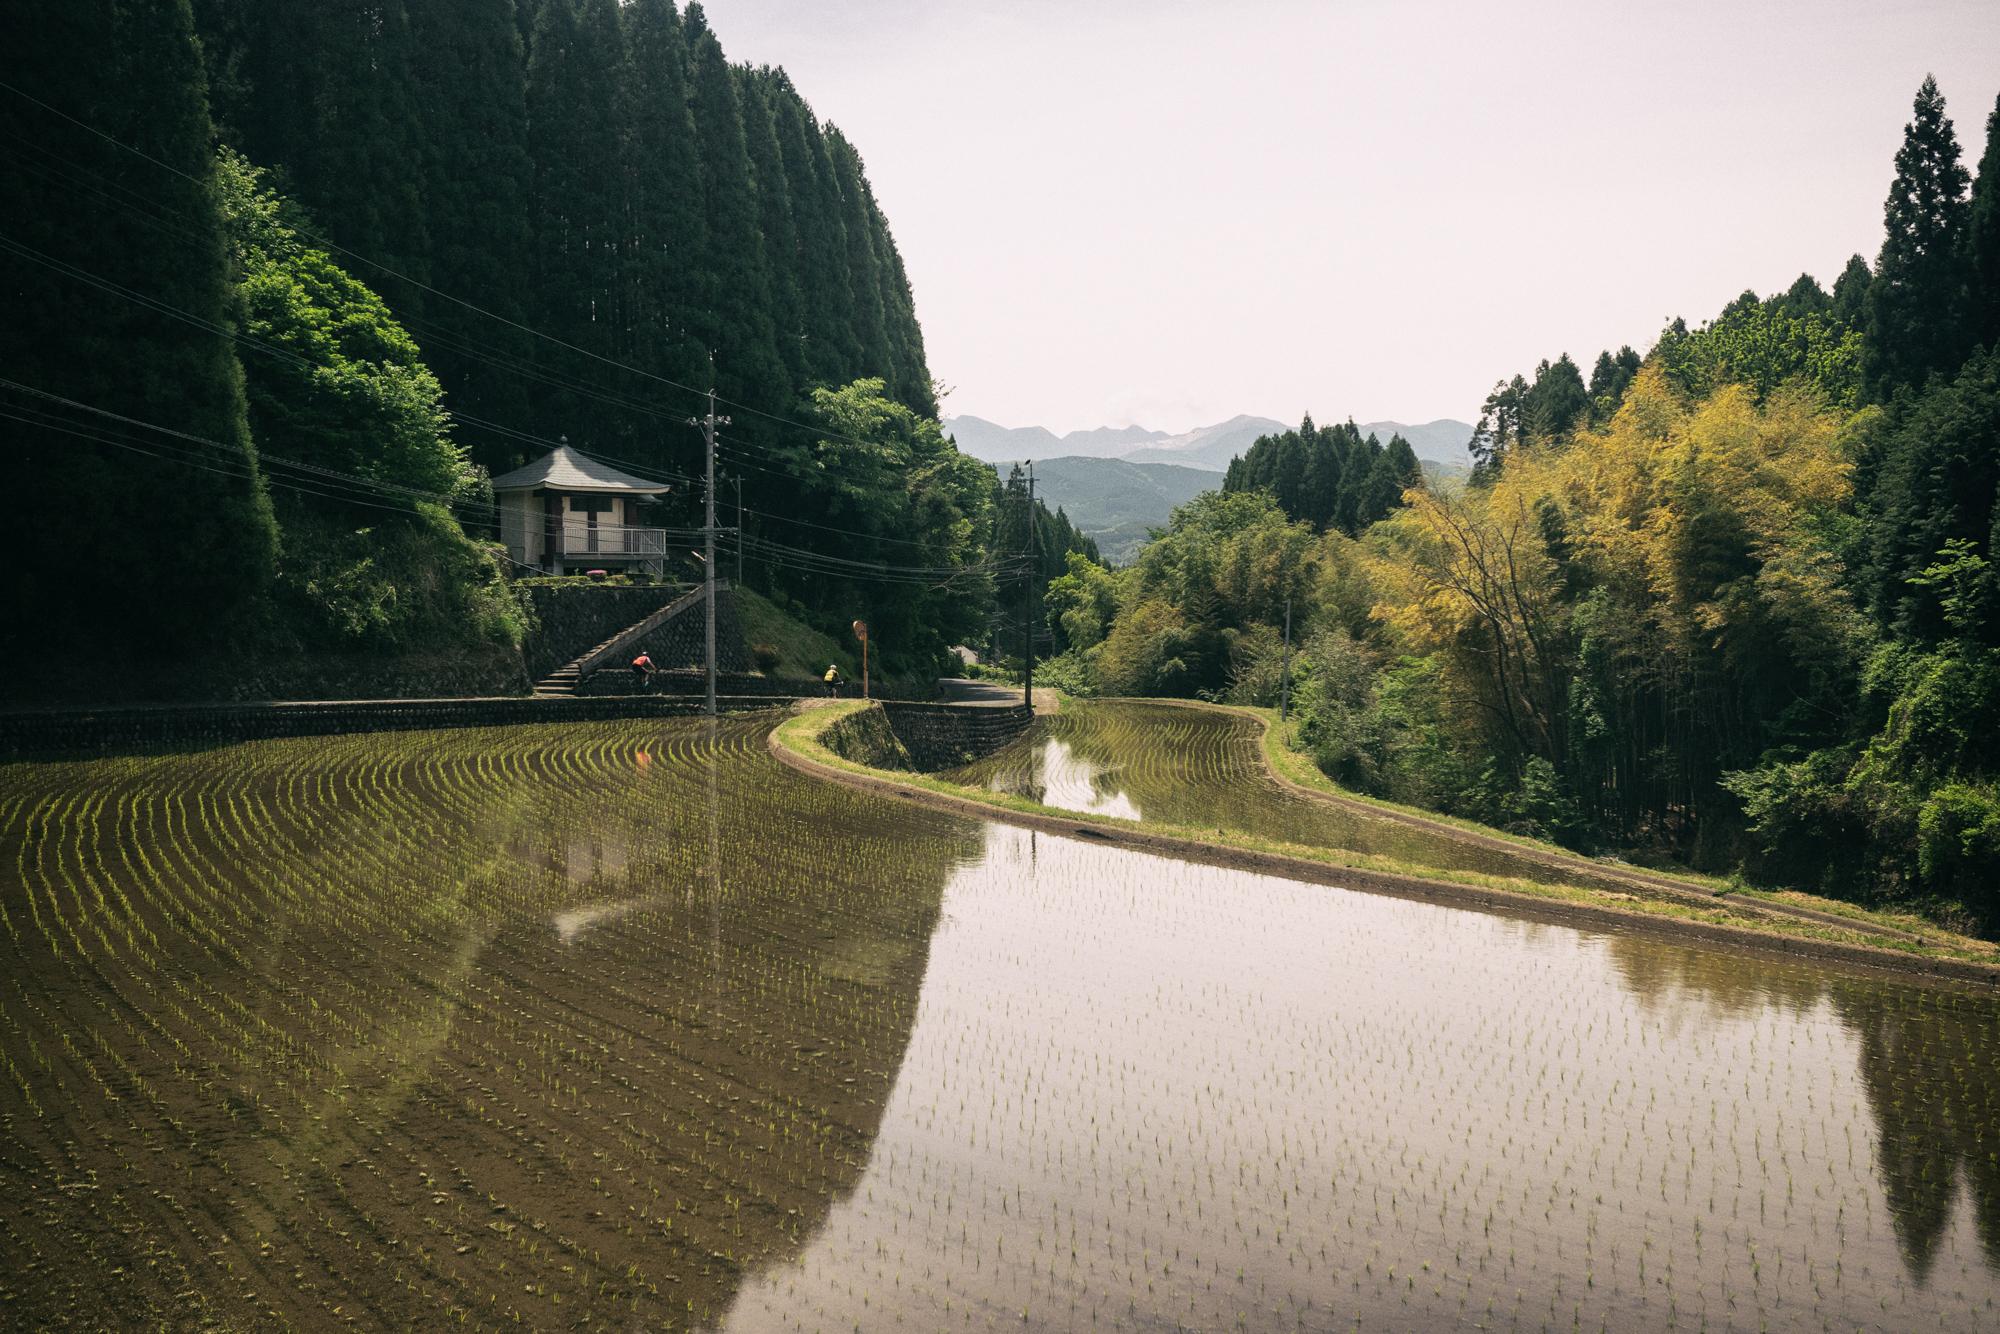 Photo: Atsushi Tanno